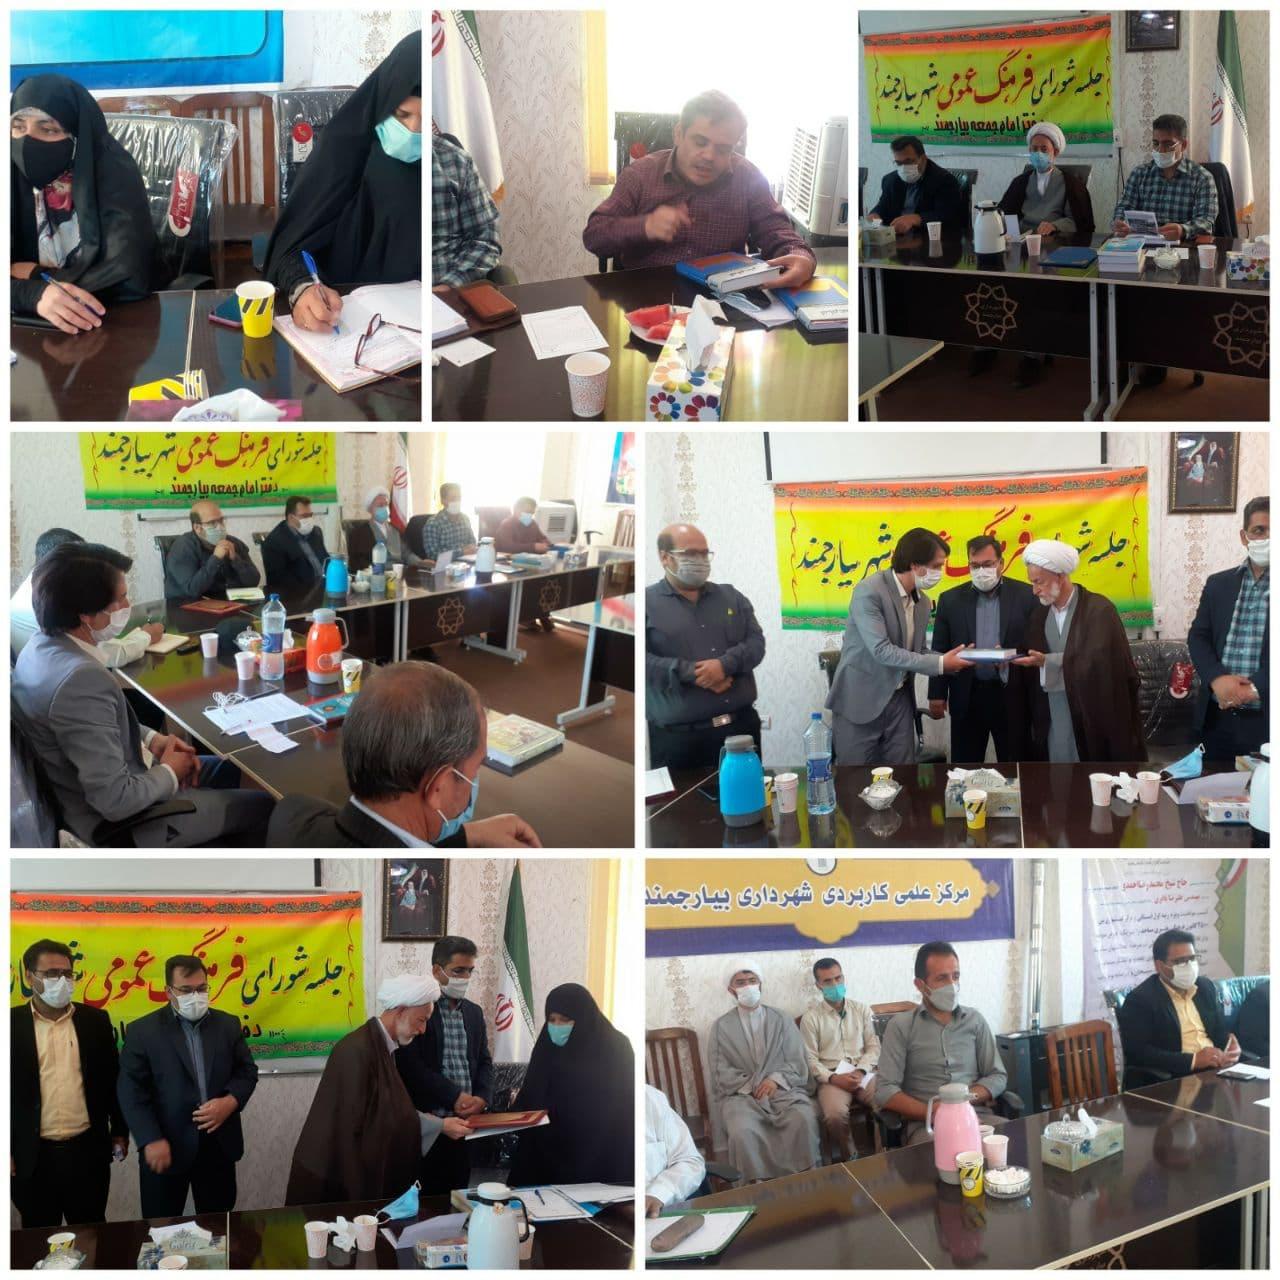 نخستین جلسه شورای فرهنگ عمومی در سالن اجتماعات مرکز